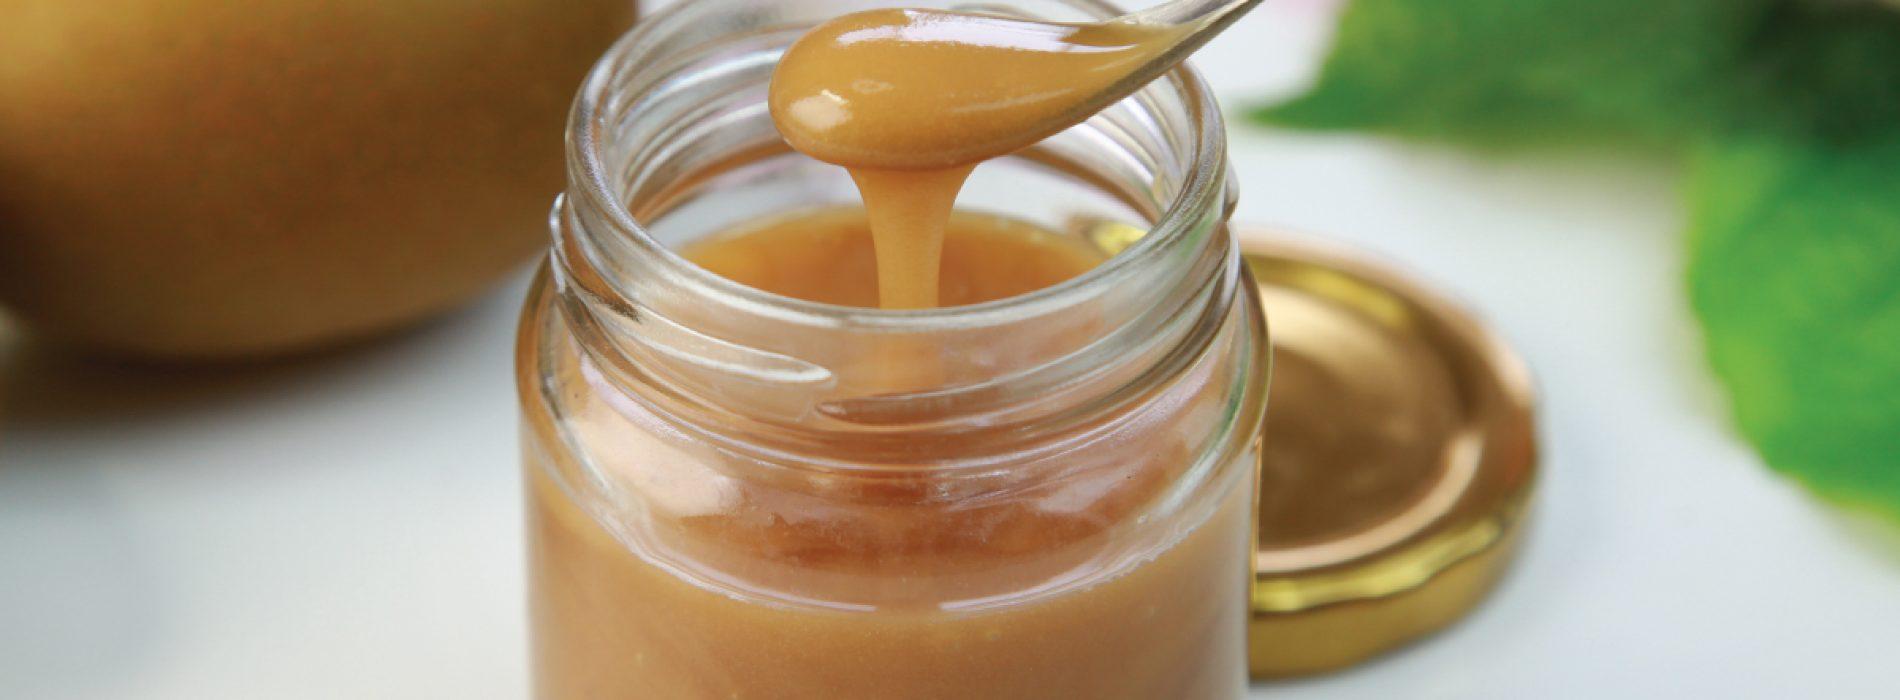 Zoet superfood: Australische manuka-honing is net zo voordelig als Nieuw-Zeelandse rassen